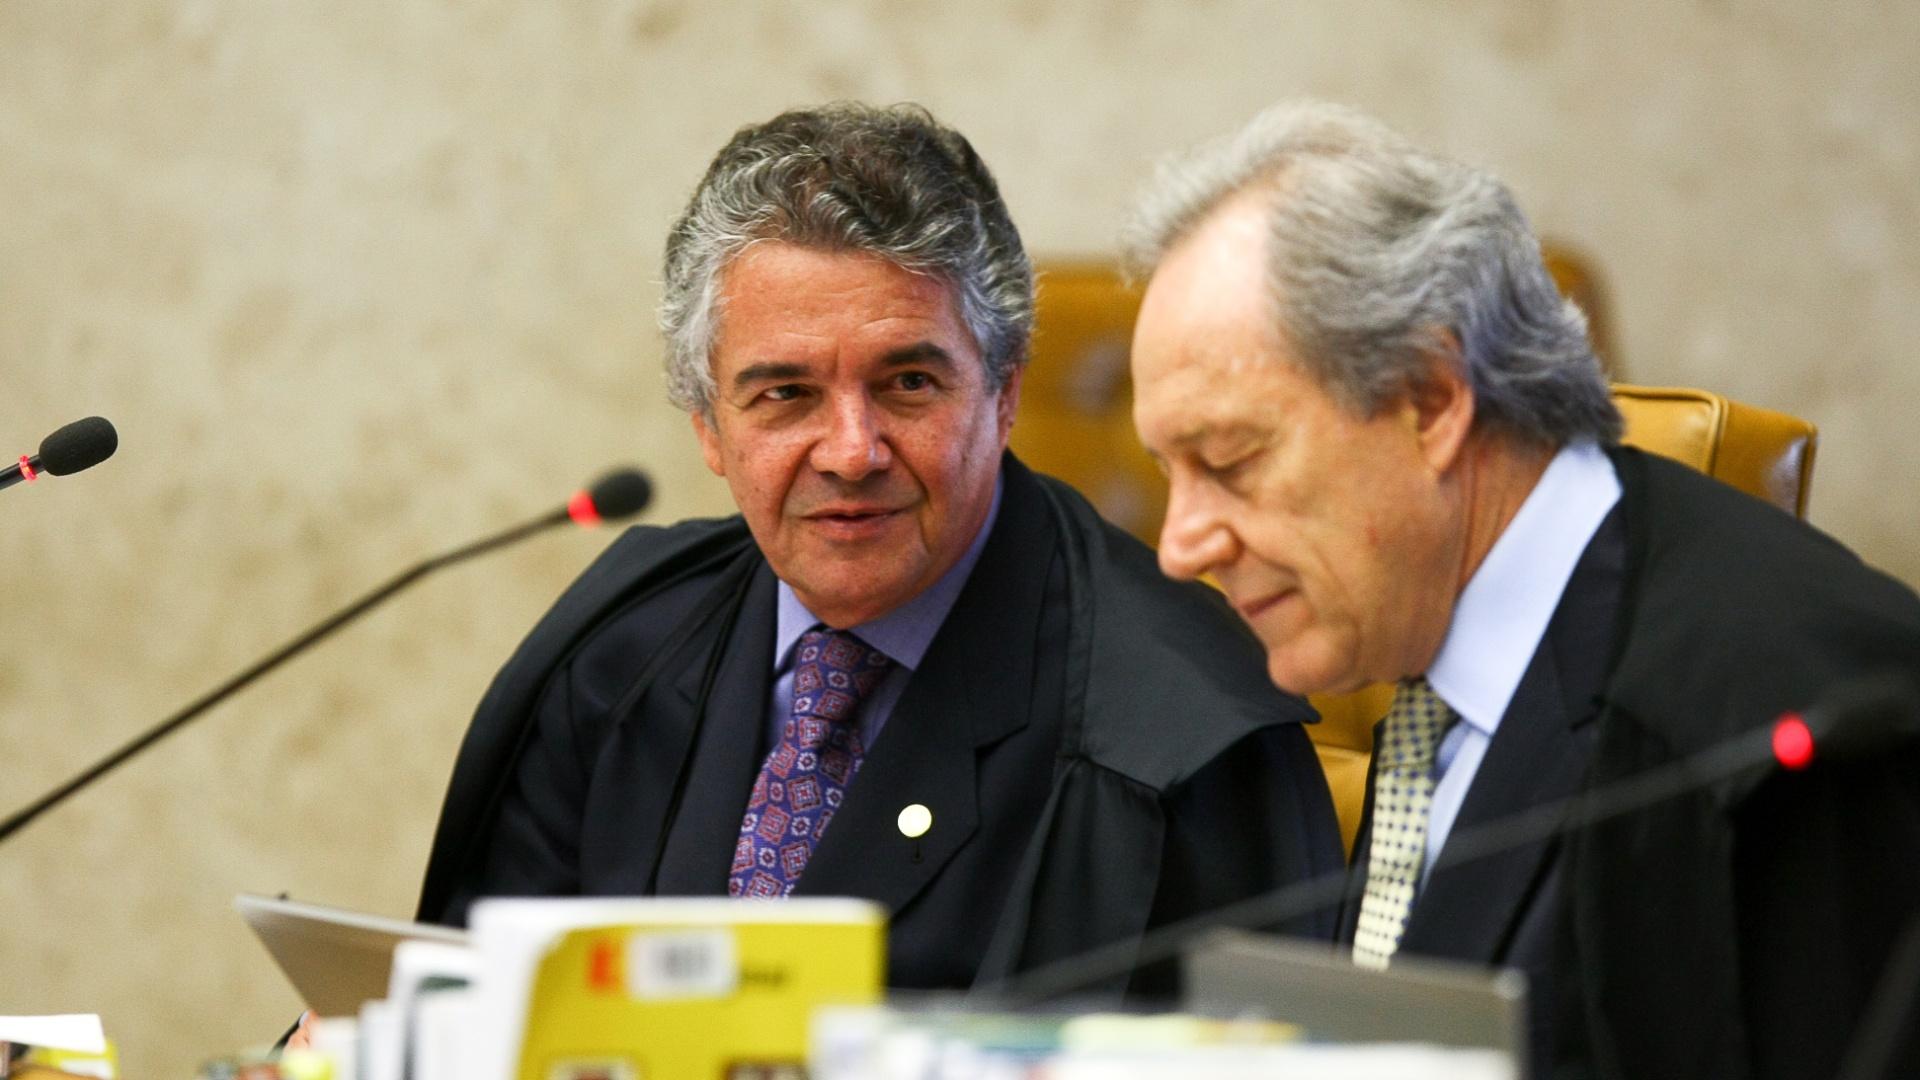 O ministro Marco Aurélio foi um dos que se manifestaram em defesa do direito de divergência do ministro Ricardo Lewandowski, na hora das votações